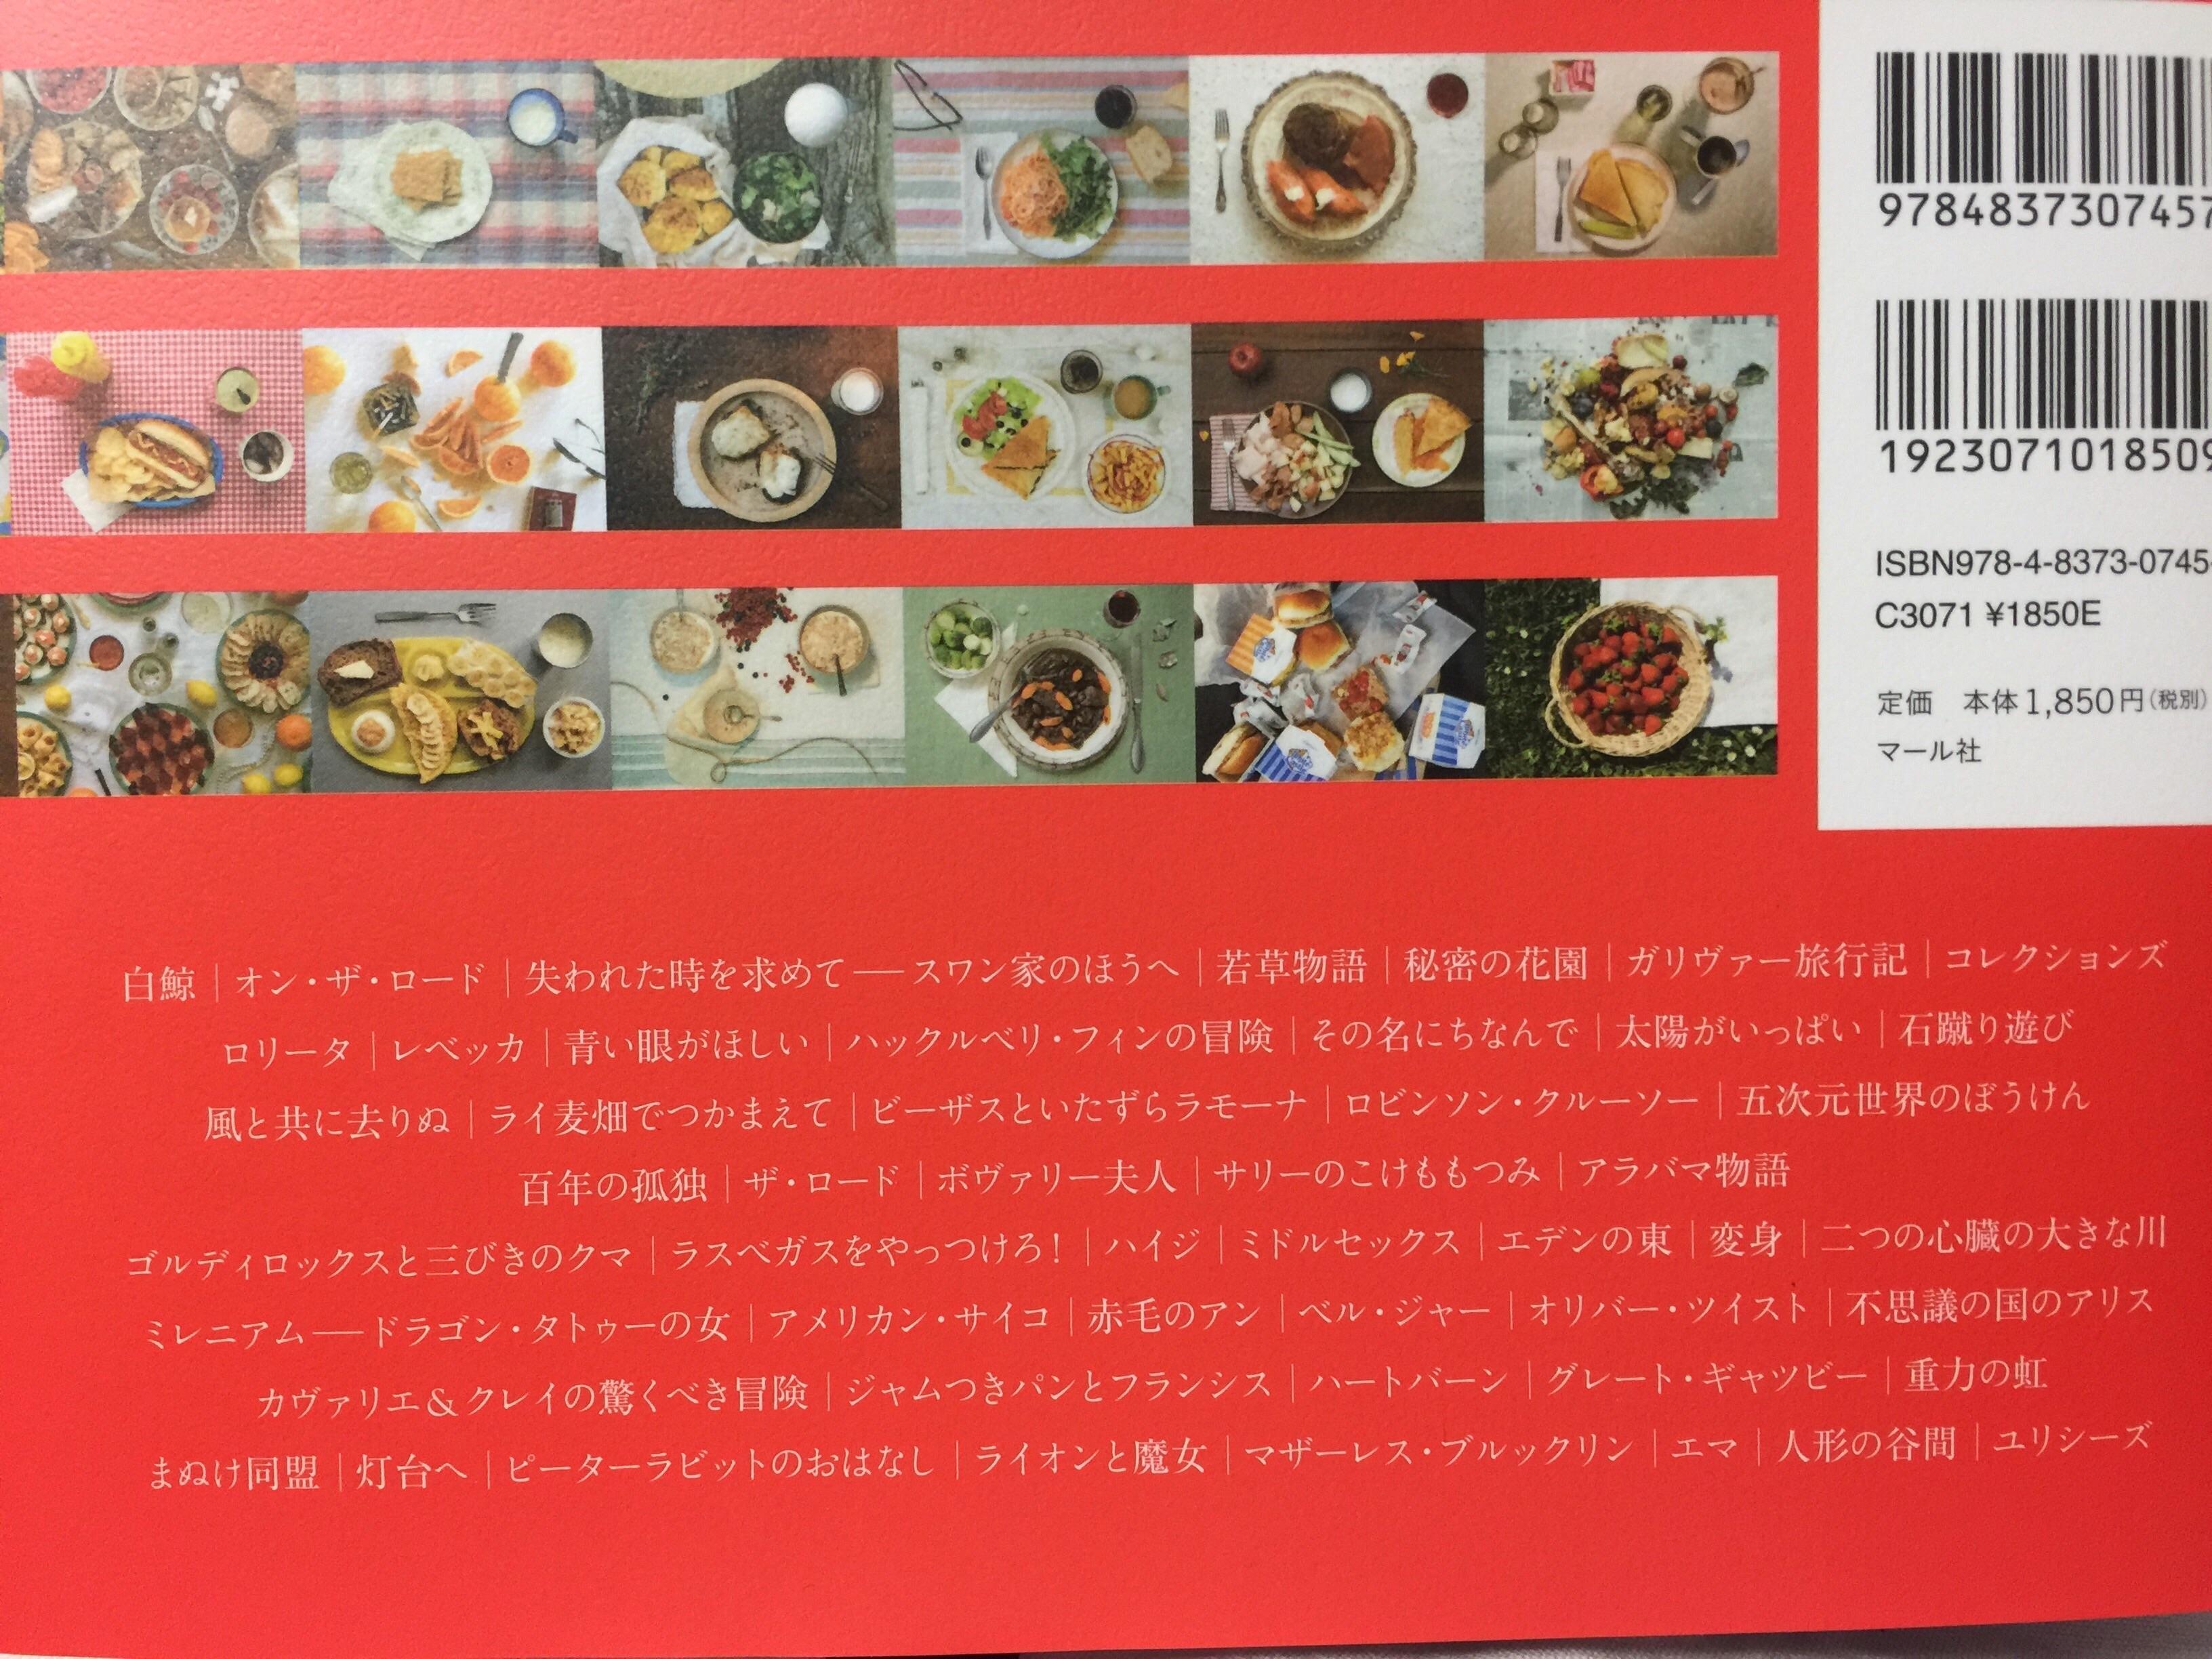 『ひと皿の小説案内』 マール社 料理